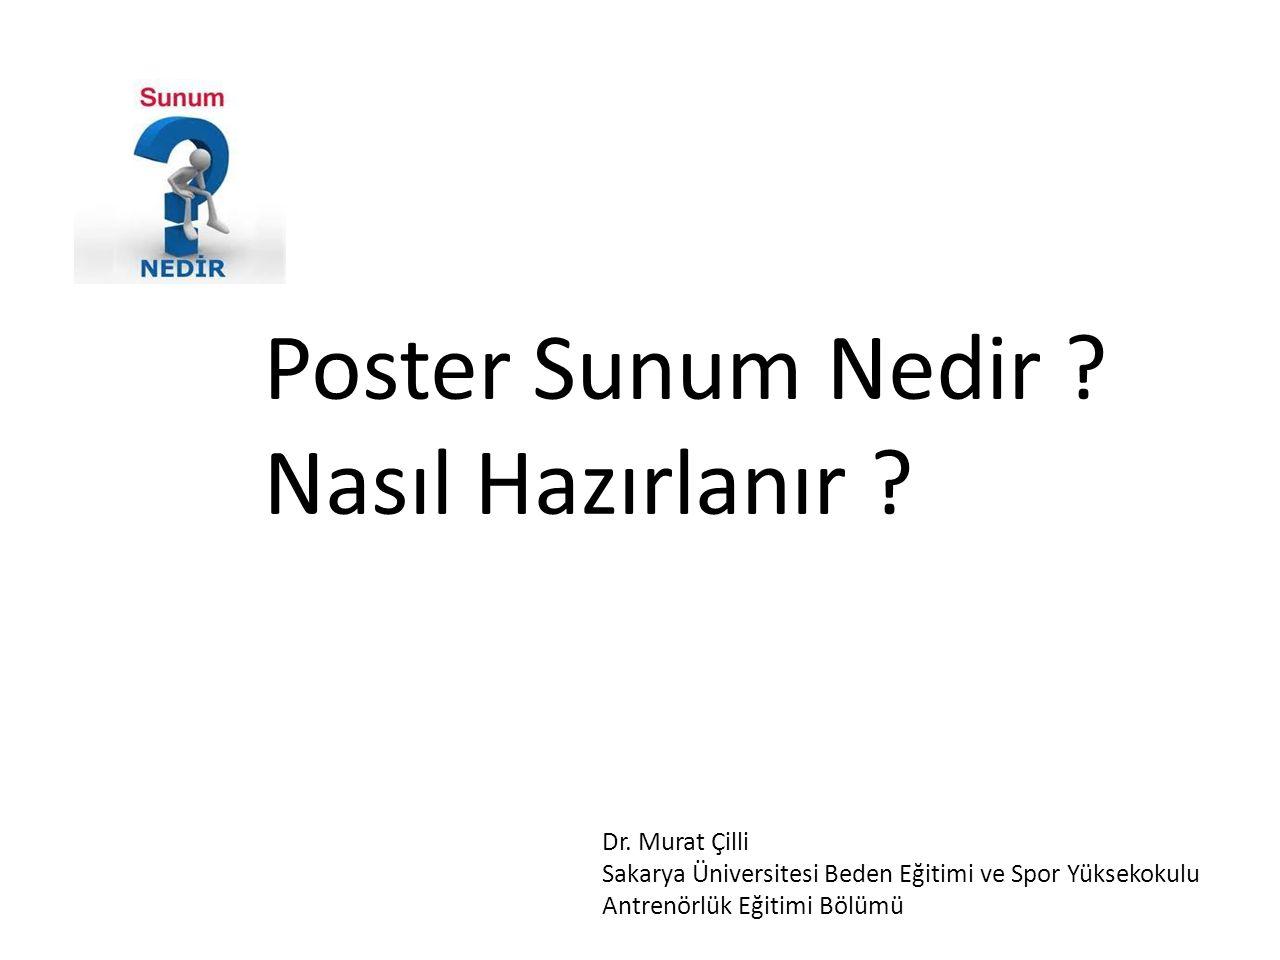 Poster Sunum Nedir ? Nasıl Hazırlanır ? Dr. Murat Çilli Sakarya Üniversitesi Beden Eğitimi ve Spor Yüksekokulu Antrenörlük Eğitimi Bölümü